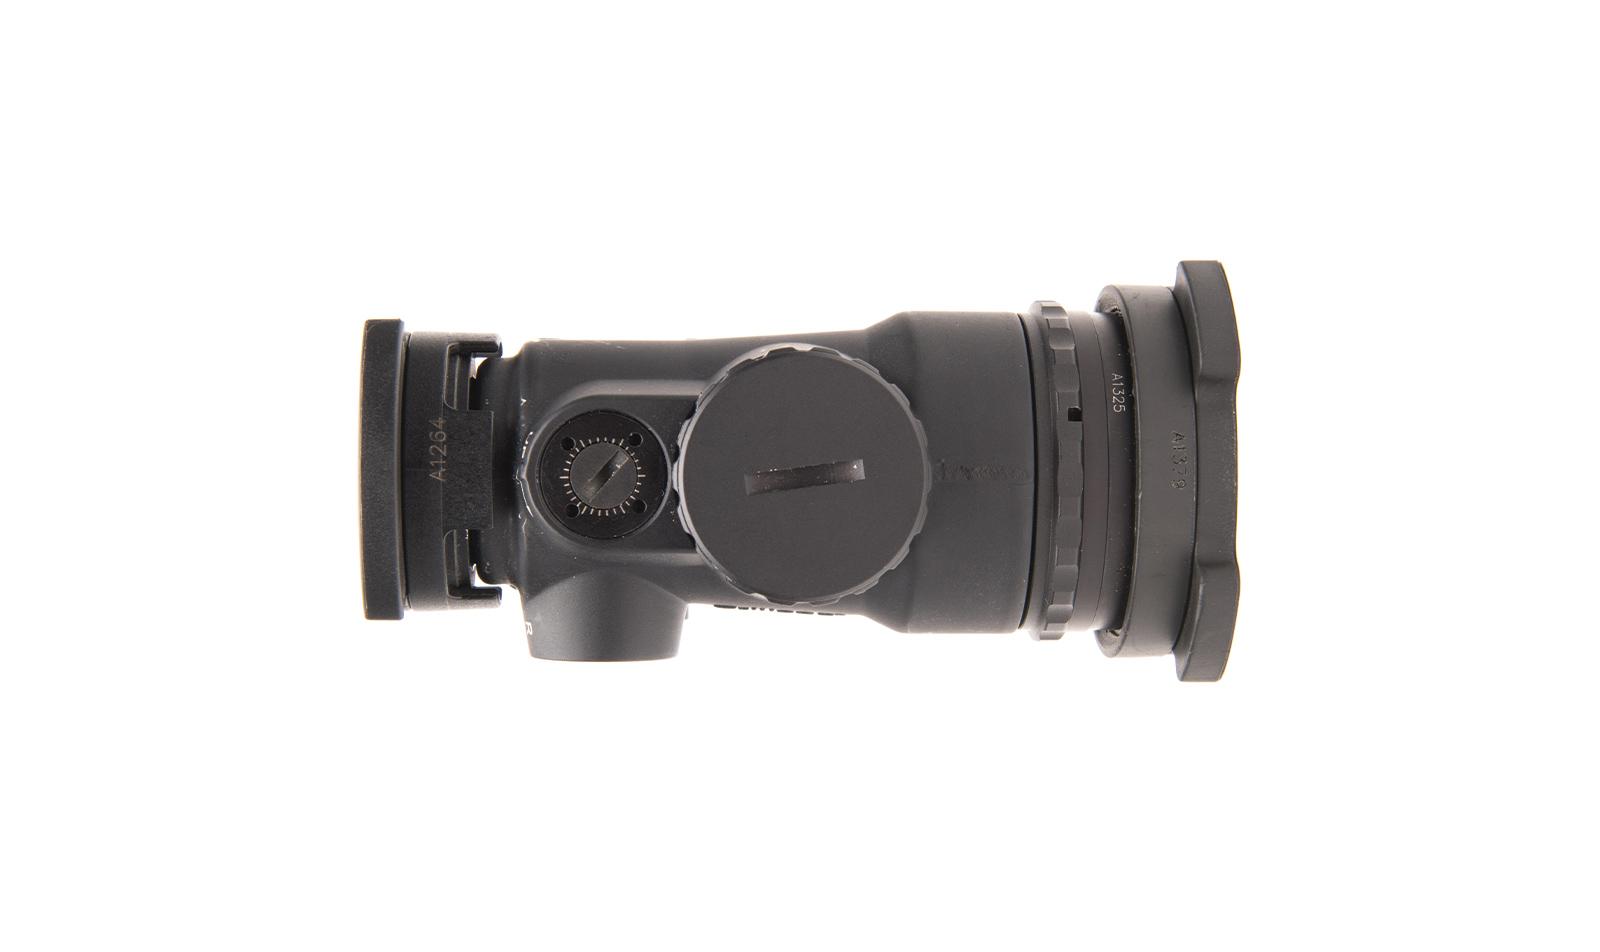 MRO-C-2200017 angle 9